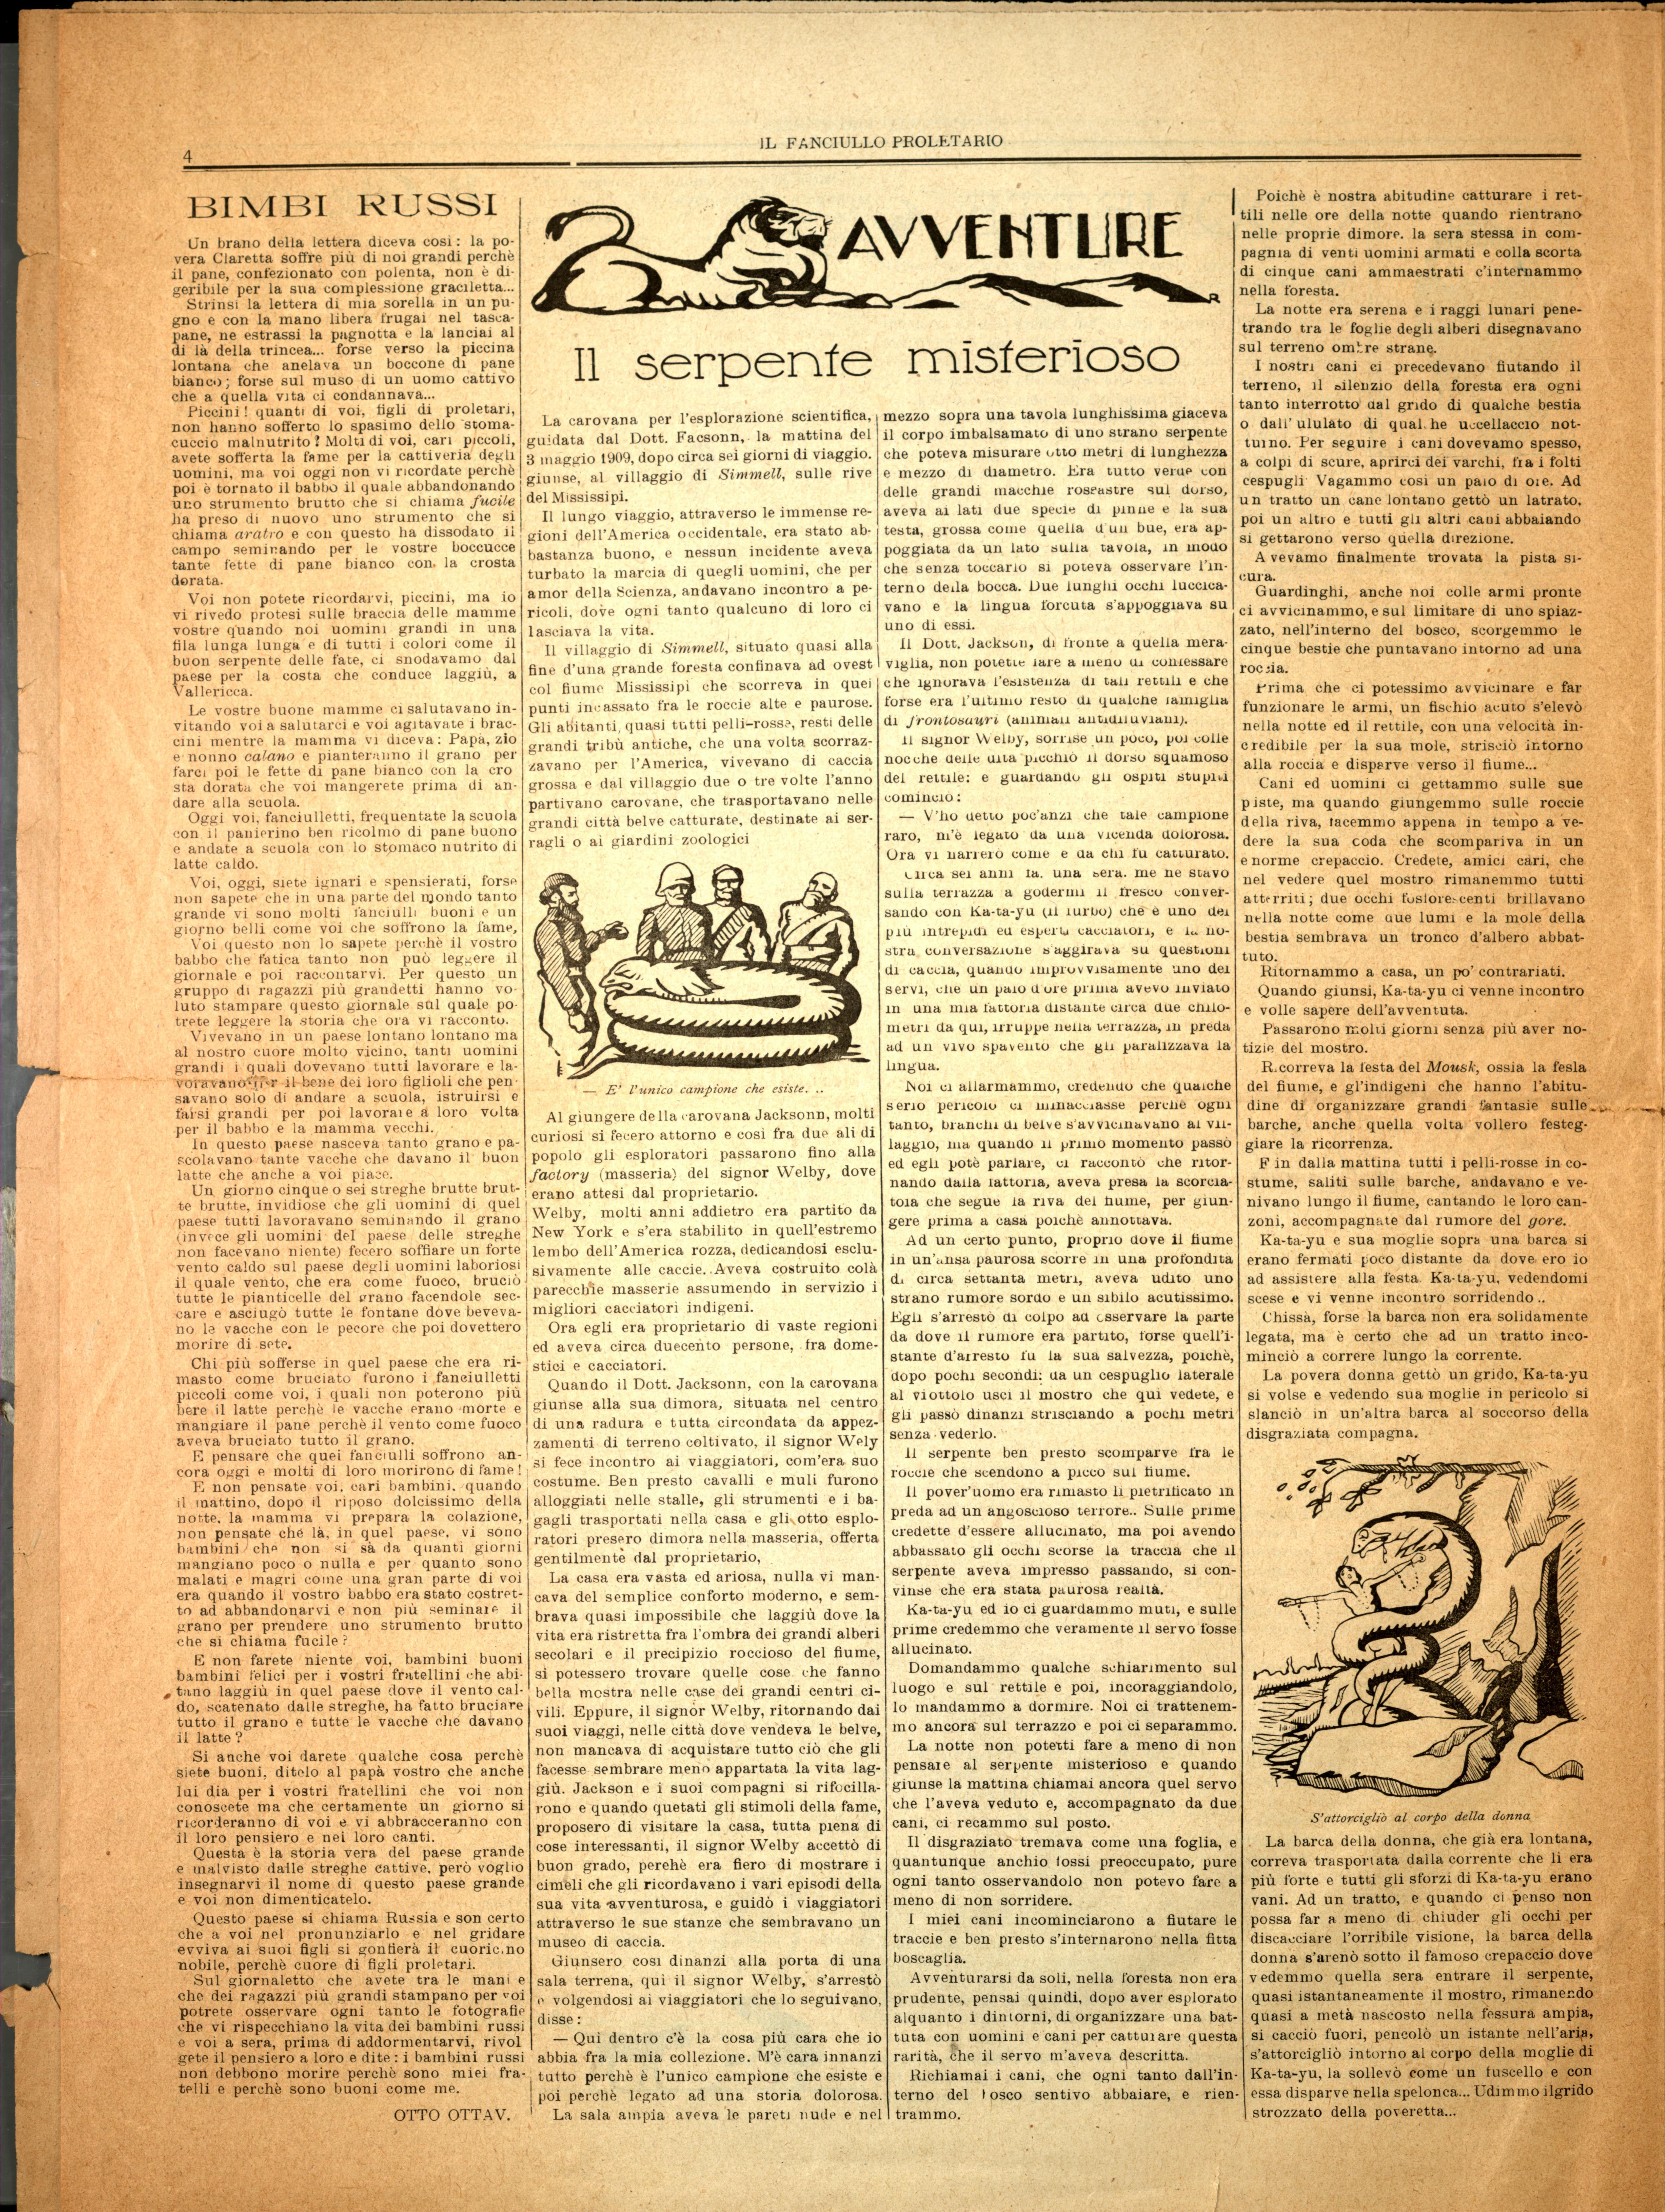 Il Fanciullo Proletario n. 1 (settembre 1922) - pag. 4